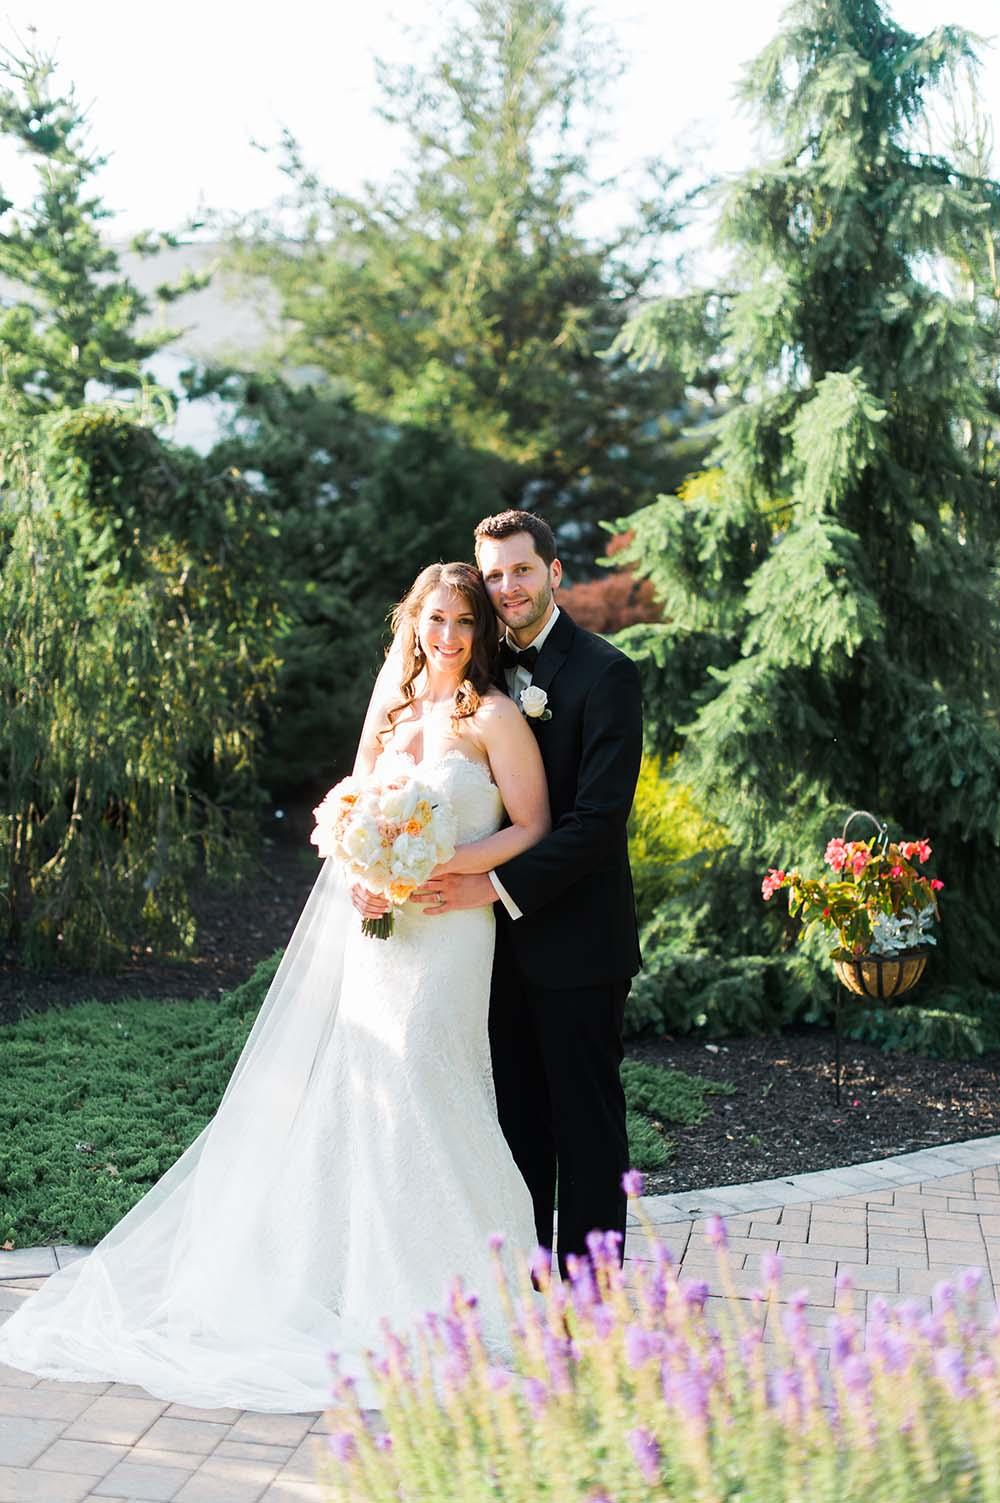 farmington-gardens-wedding-greg-lewis-photography-39